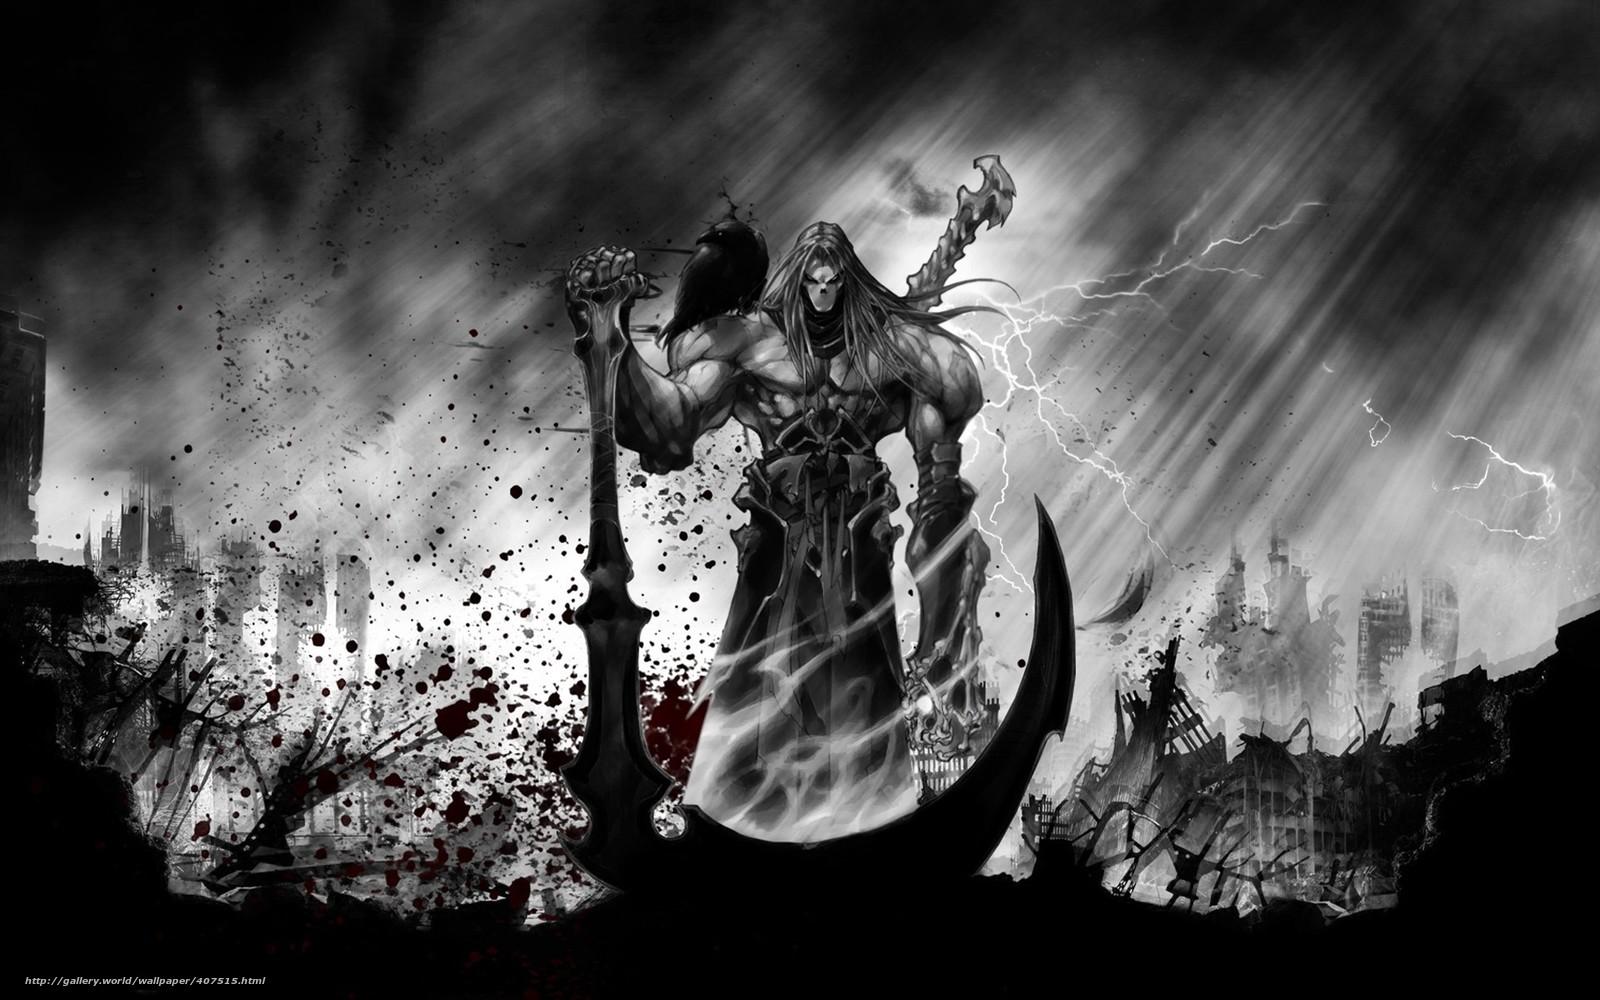 Descargar gratis darksiders 2 imagen muerte trenza fondos de escritorio en la resolucin - Descargar darksiders 2 ...